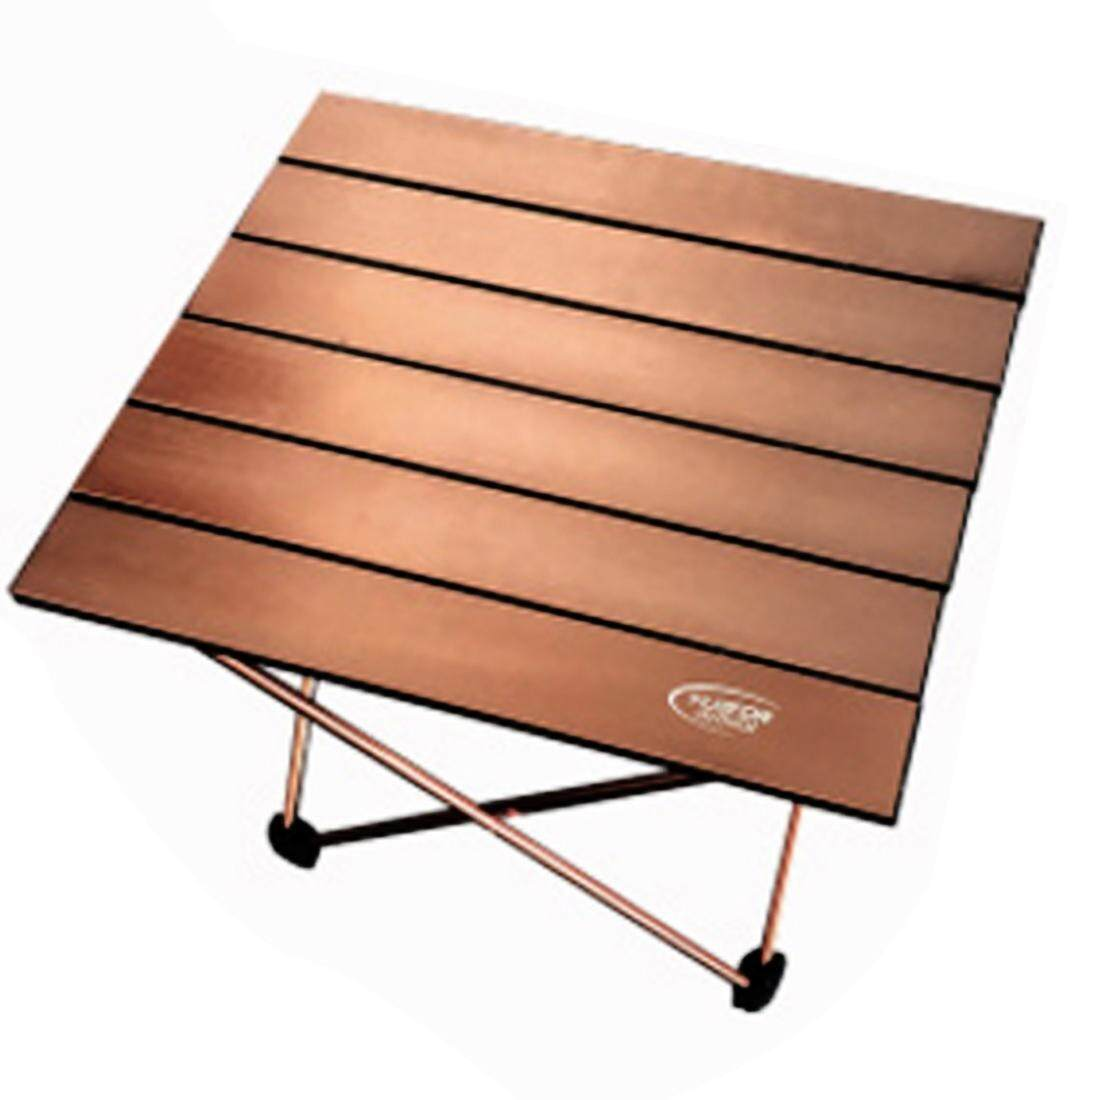 ตั้งแคมป์กลางแจ้งแบบพกพาพับตารางการบินอลูมิเนียมปิกนิกโต๊ะบาร์บีคิวขนาดเล็กขนาด: 39.5x34.5x32.5 ซม. (กาแฟ) By Puluz.